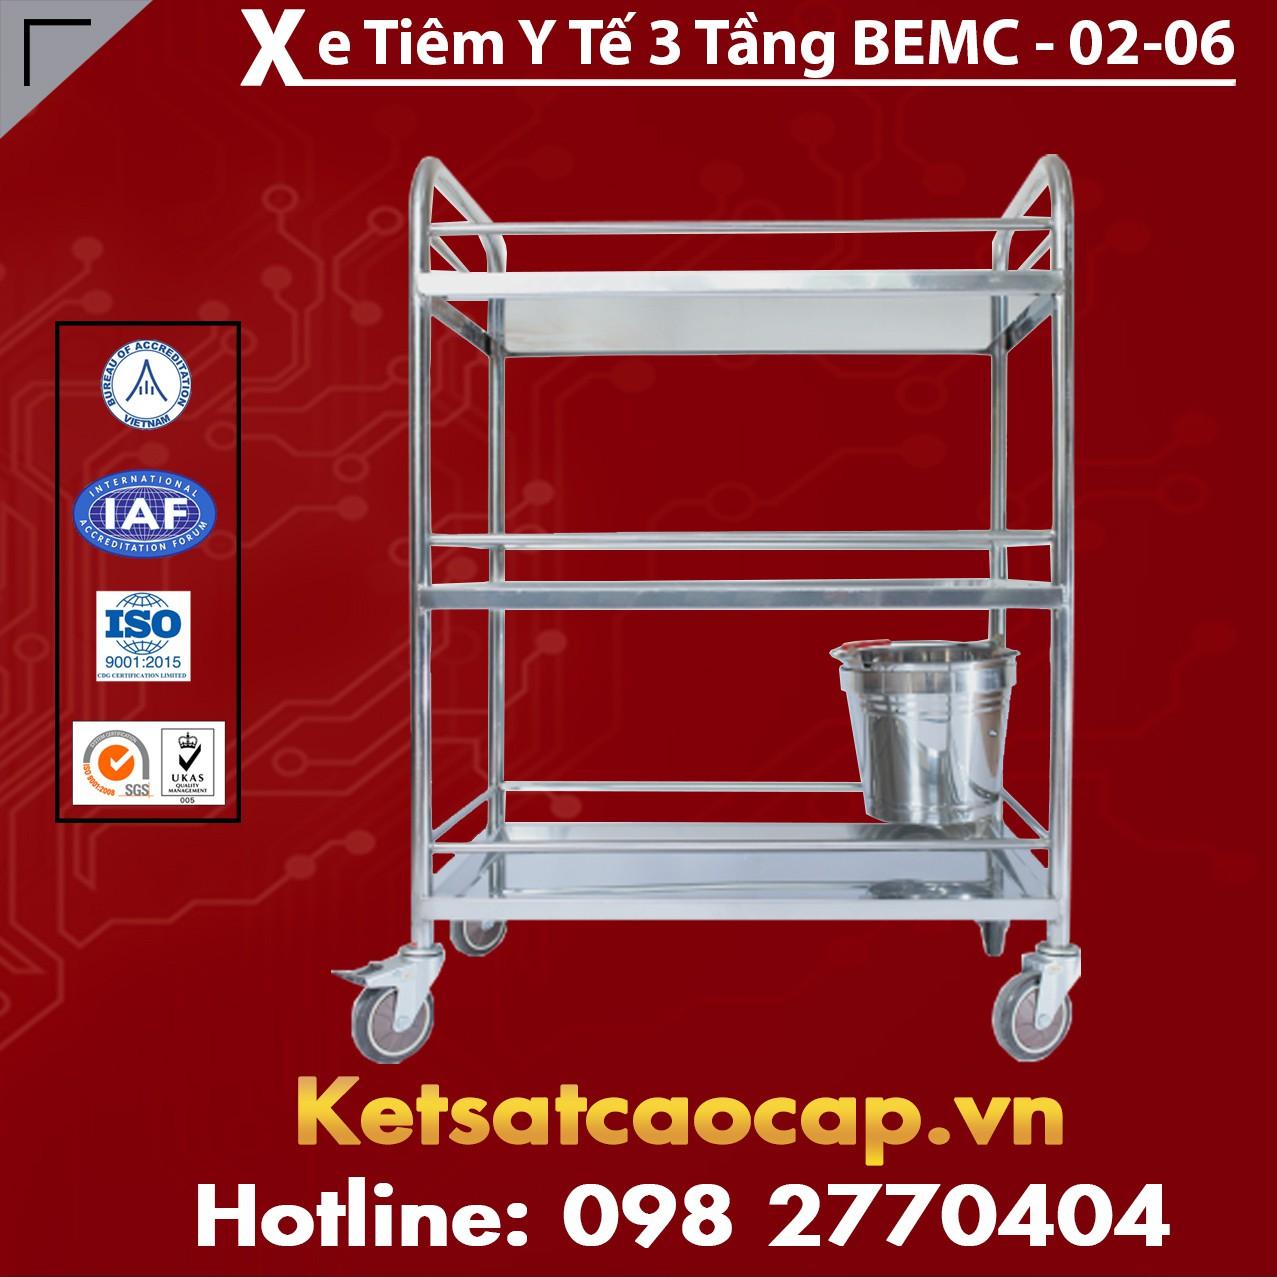 Xe Tiêm Y Tế 3 Tầng BEMC-02-06